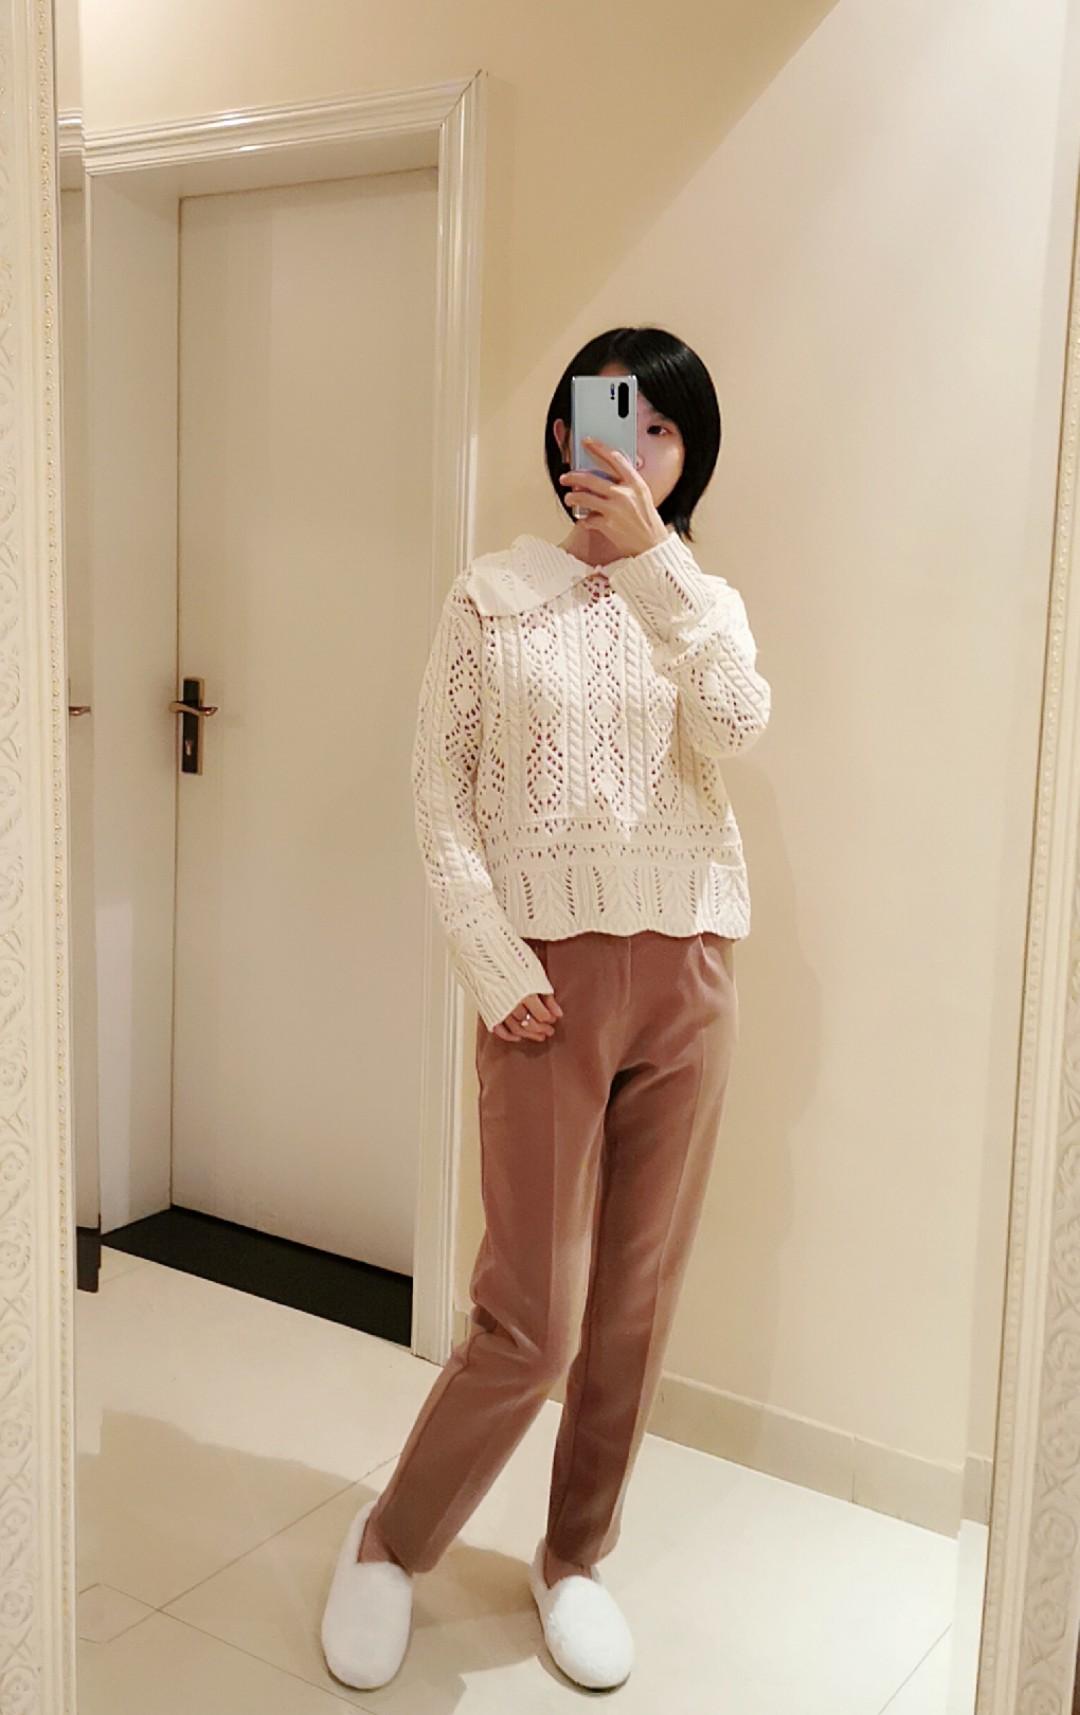 越来越喜欢这种舒适的穿衣风格,设计感满满的米白高腰镂空毛衣,搭配焦糖色的裤子,休闲随性,看起来就很舒服呀❤️ #穿搭日志#